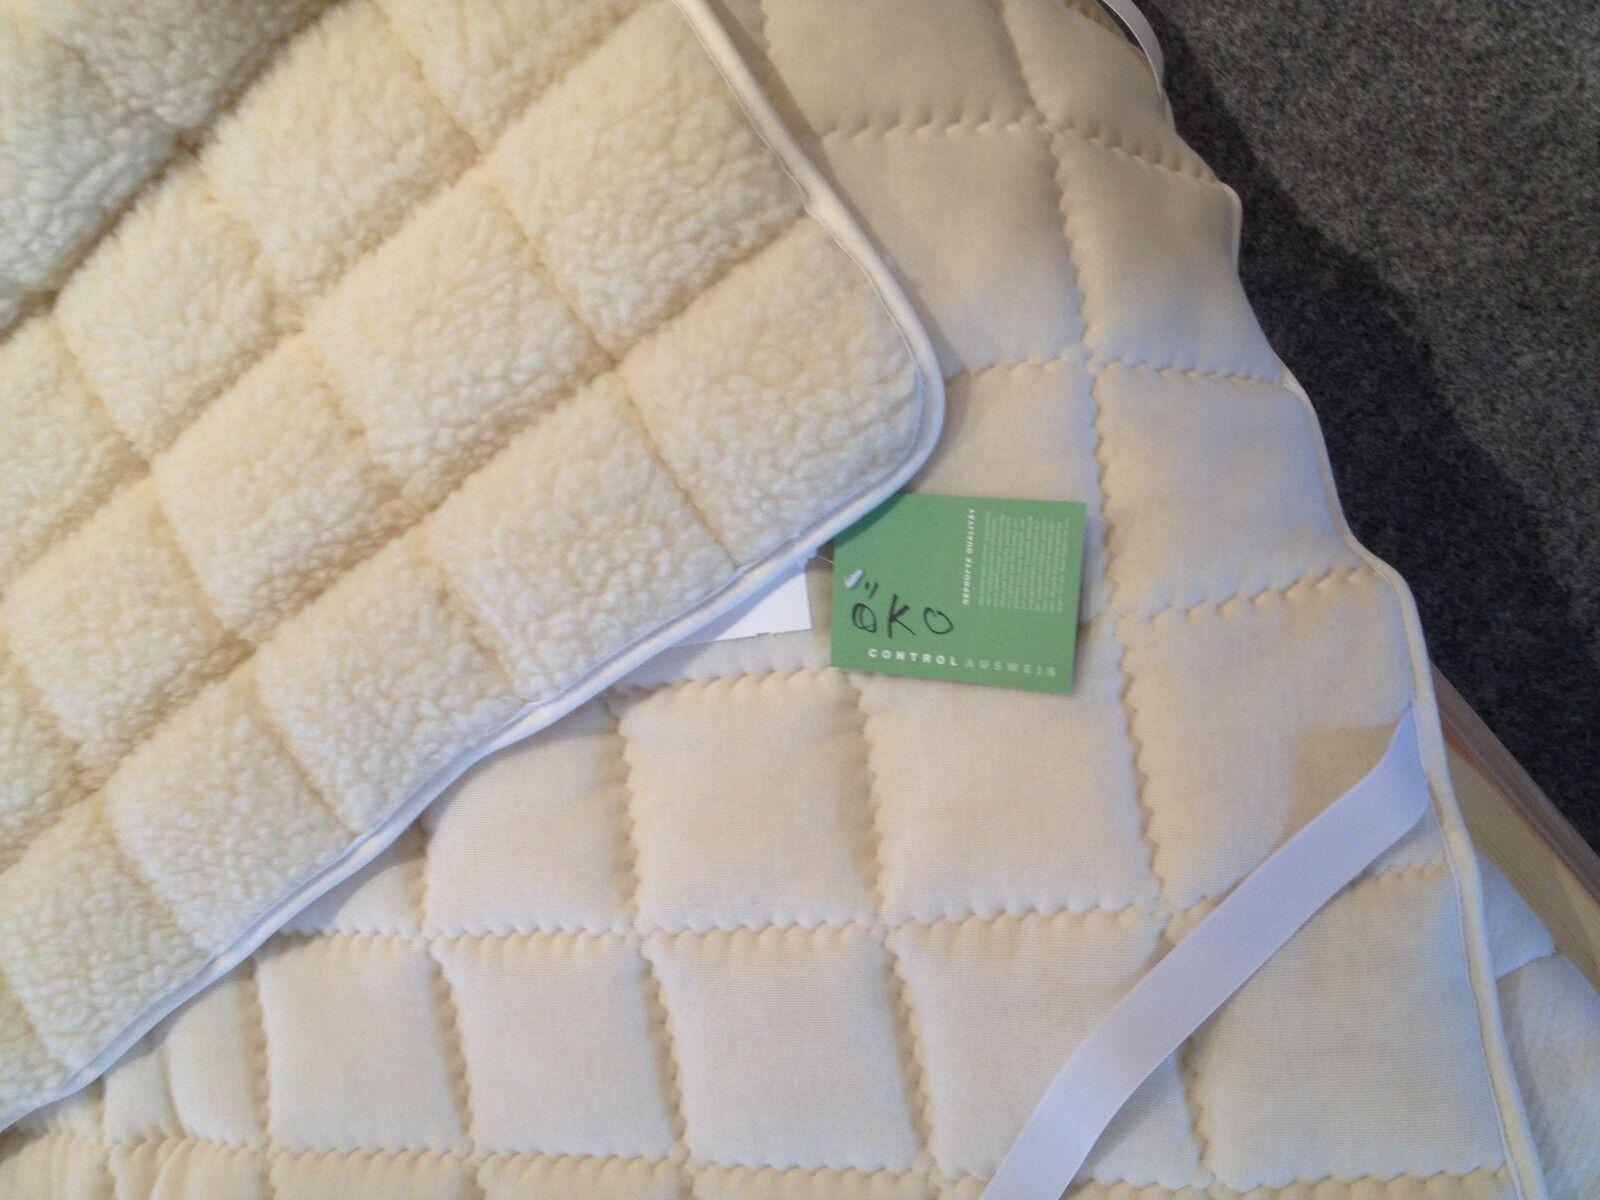 Unterbett Auflage für Matratze in Naturlammflor auf Baumwollgewebe, 90x200cm